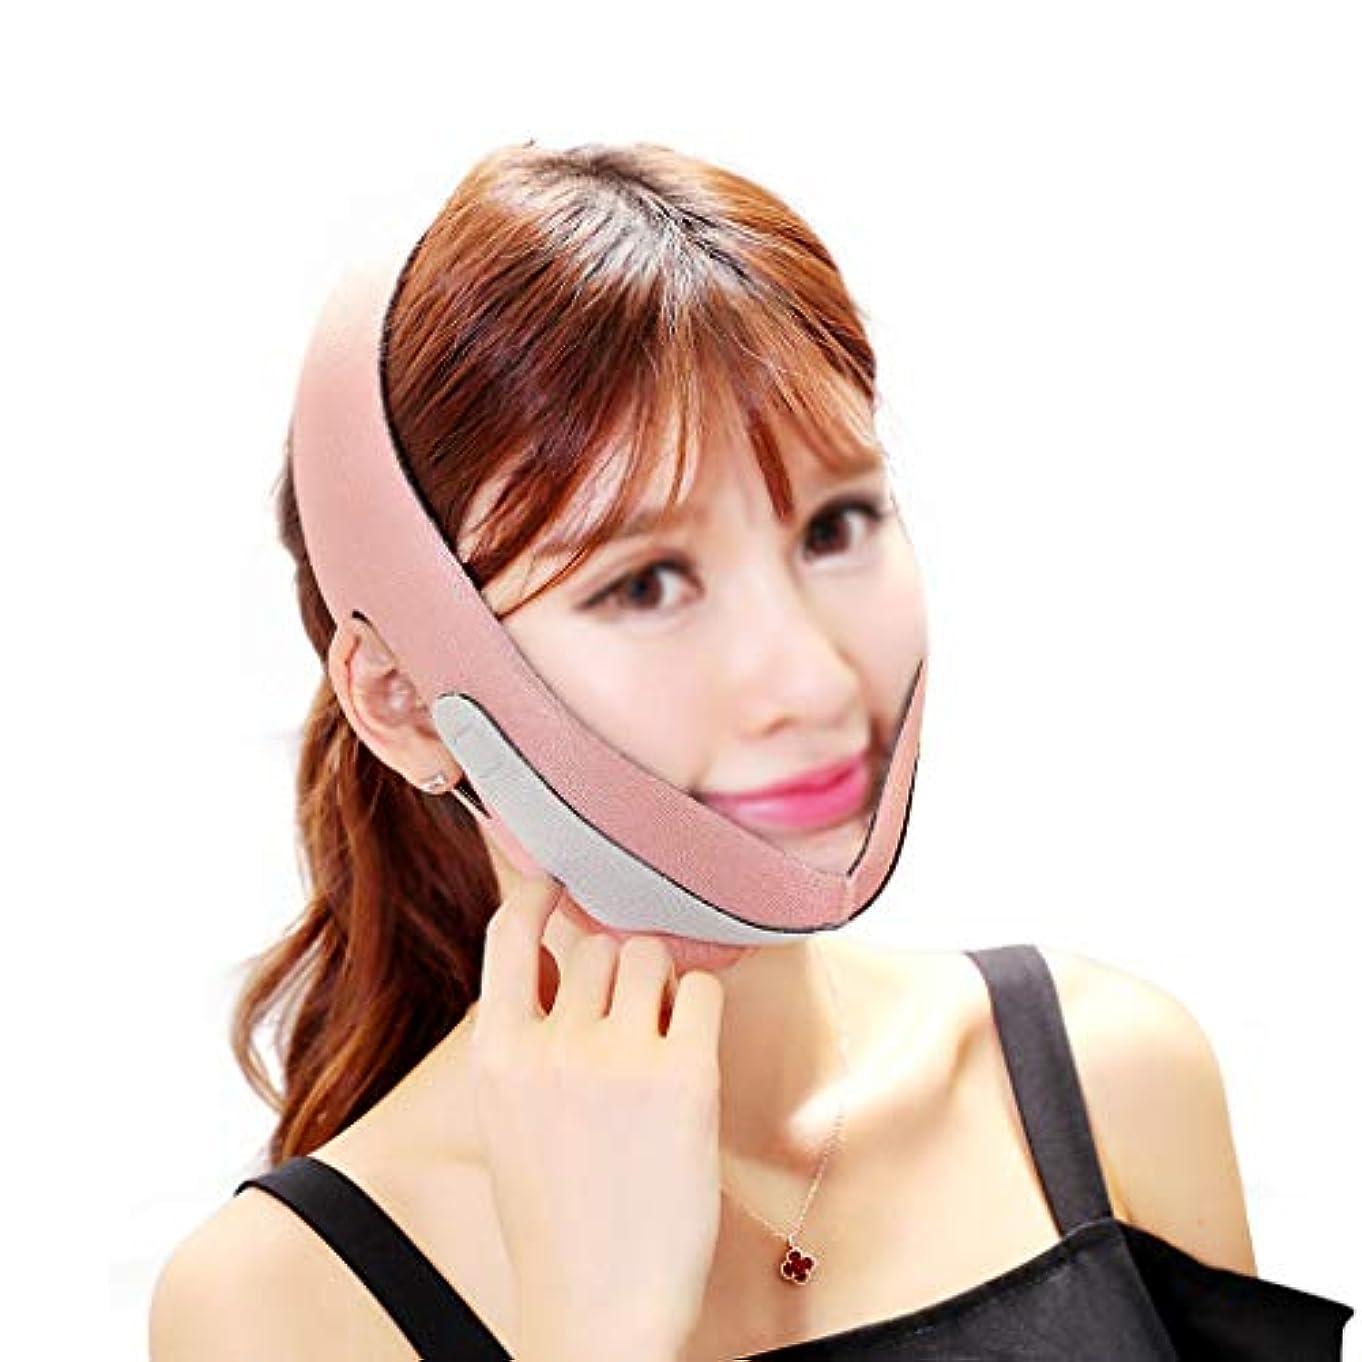 保存する十億興奮するGLJJQMY フェイスリフティング包帯は、V字型の顔を作成するために二重あご/リフティングスキニー包帯マスクを販売しています 顔用整形マスク (Color : Pink)